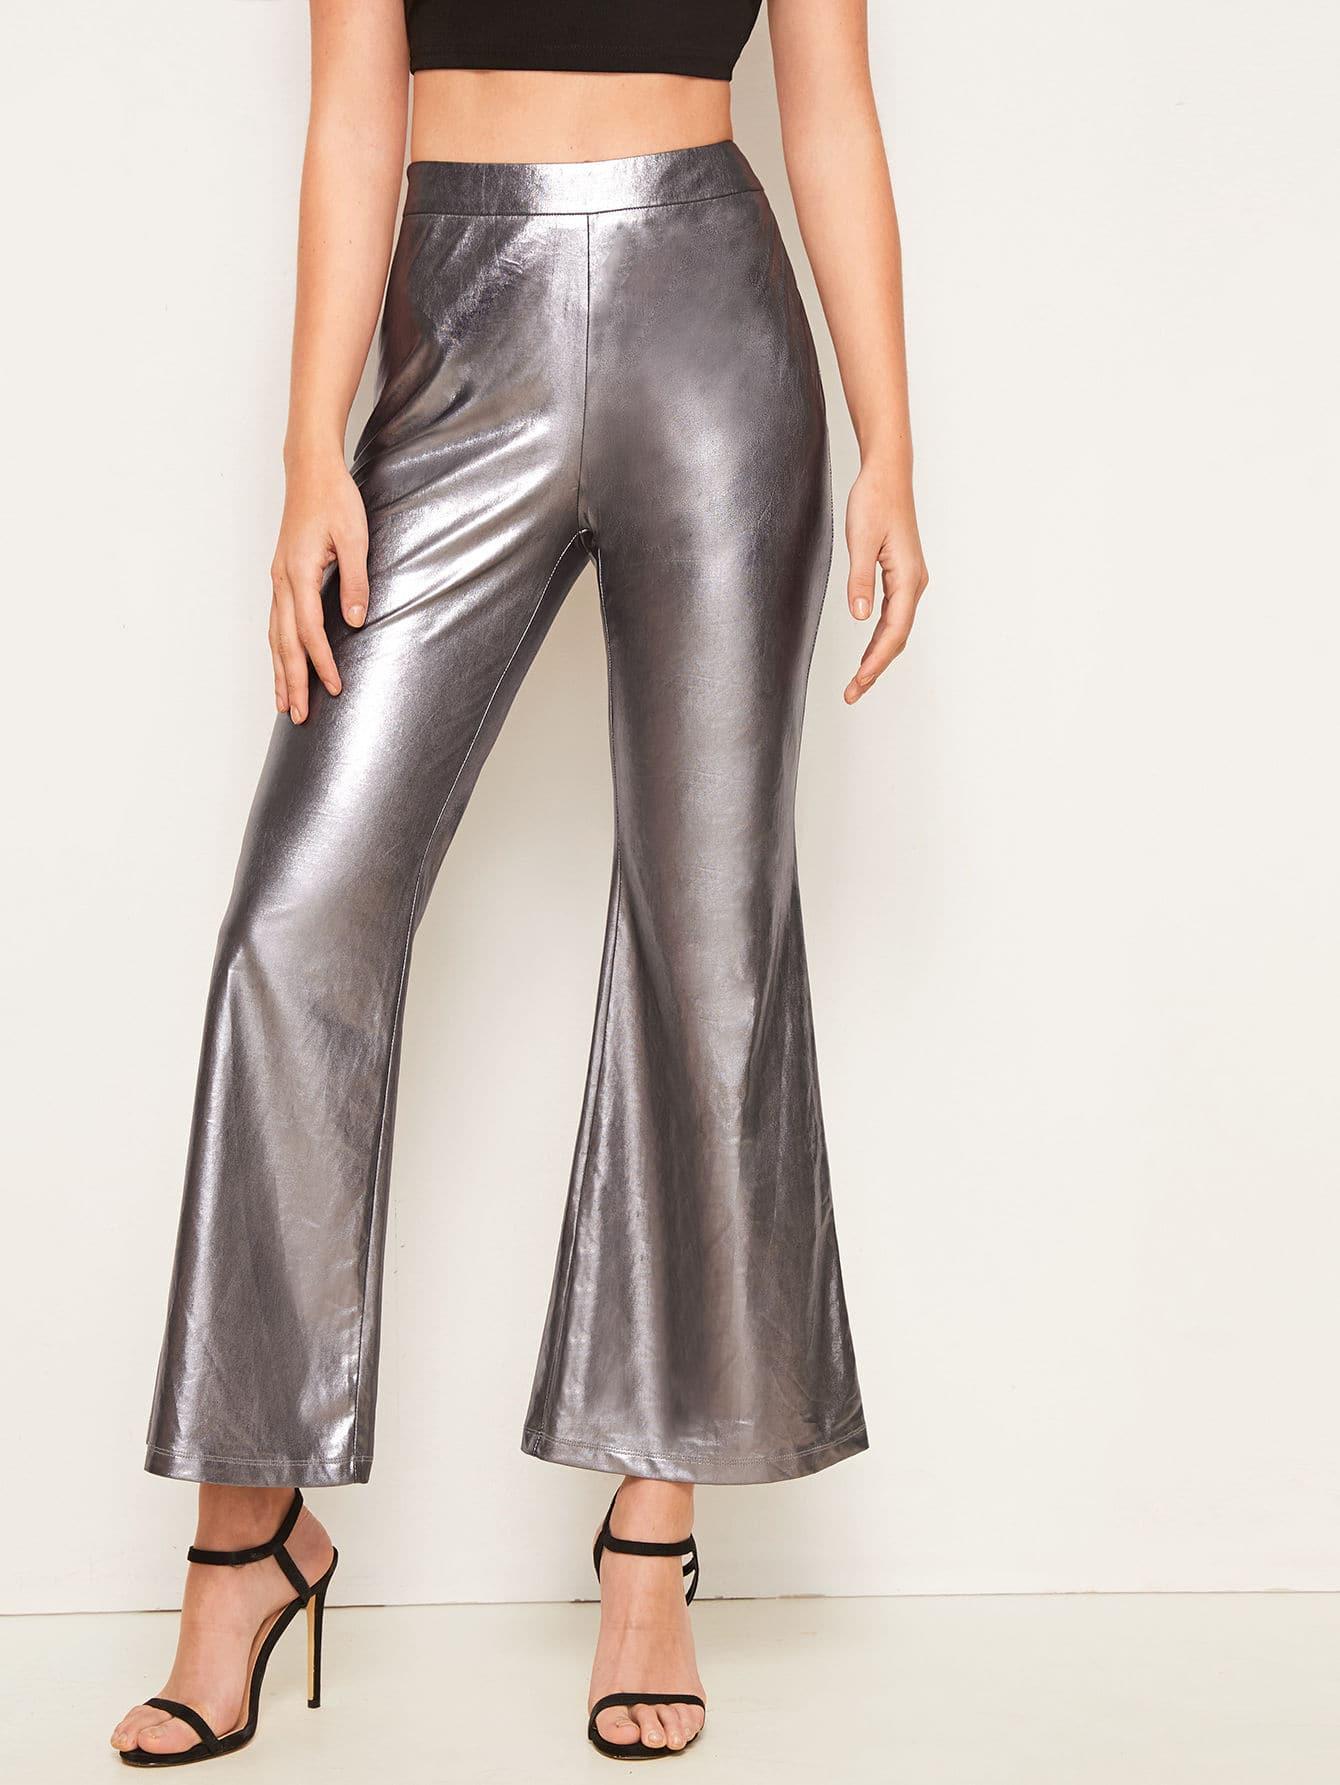 Фото - Расклешенные брюки металлическогоцвета с высокой талией от SheIn серого цвета